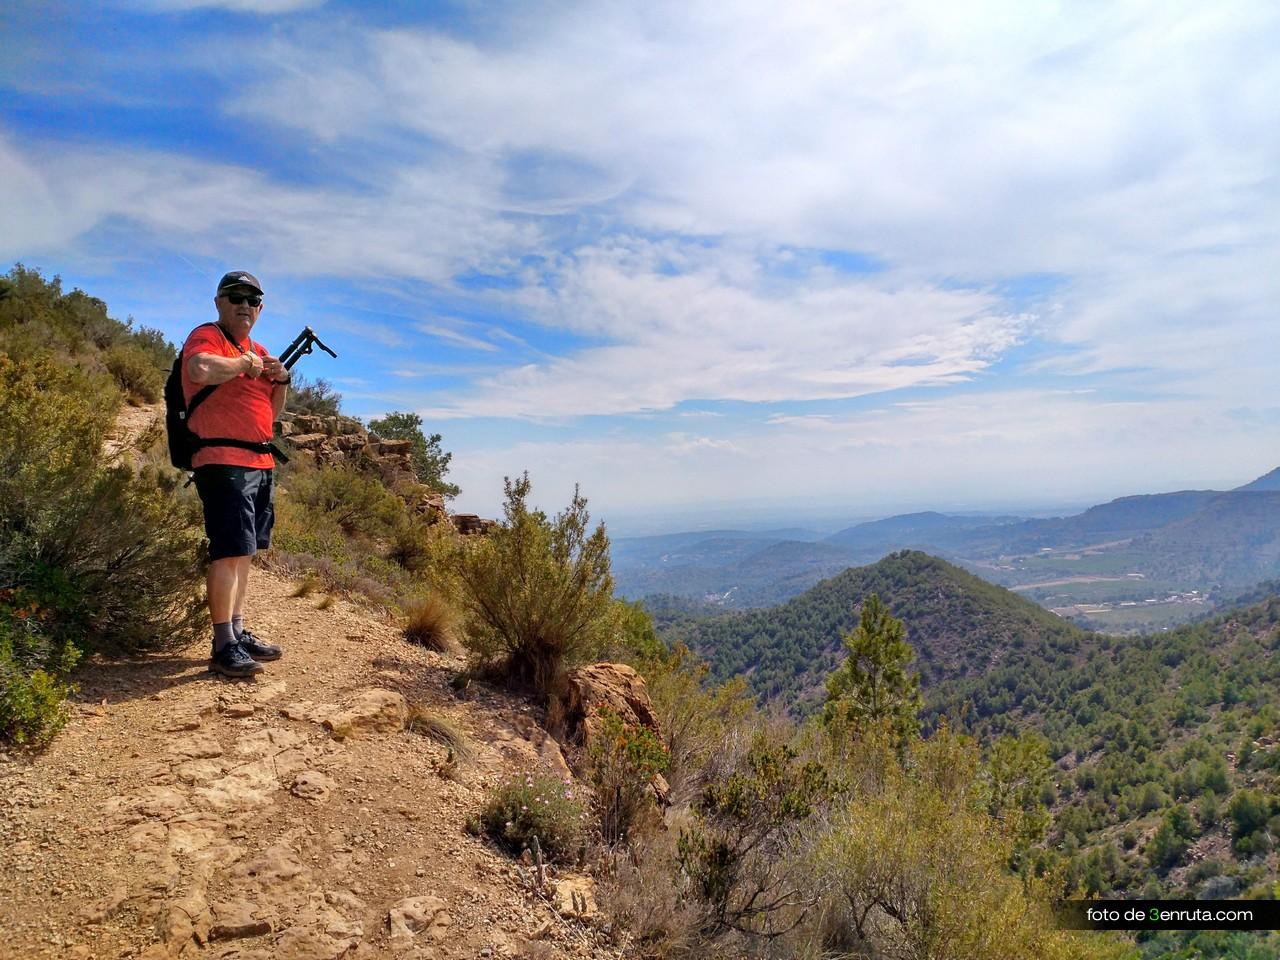 Llegando a la cima del Pic de L'Àguila